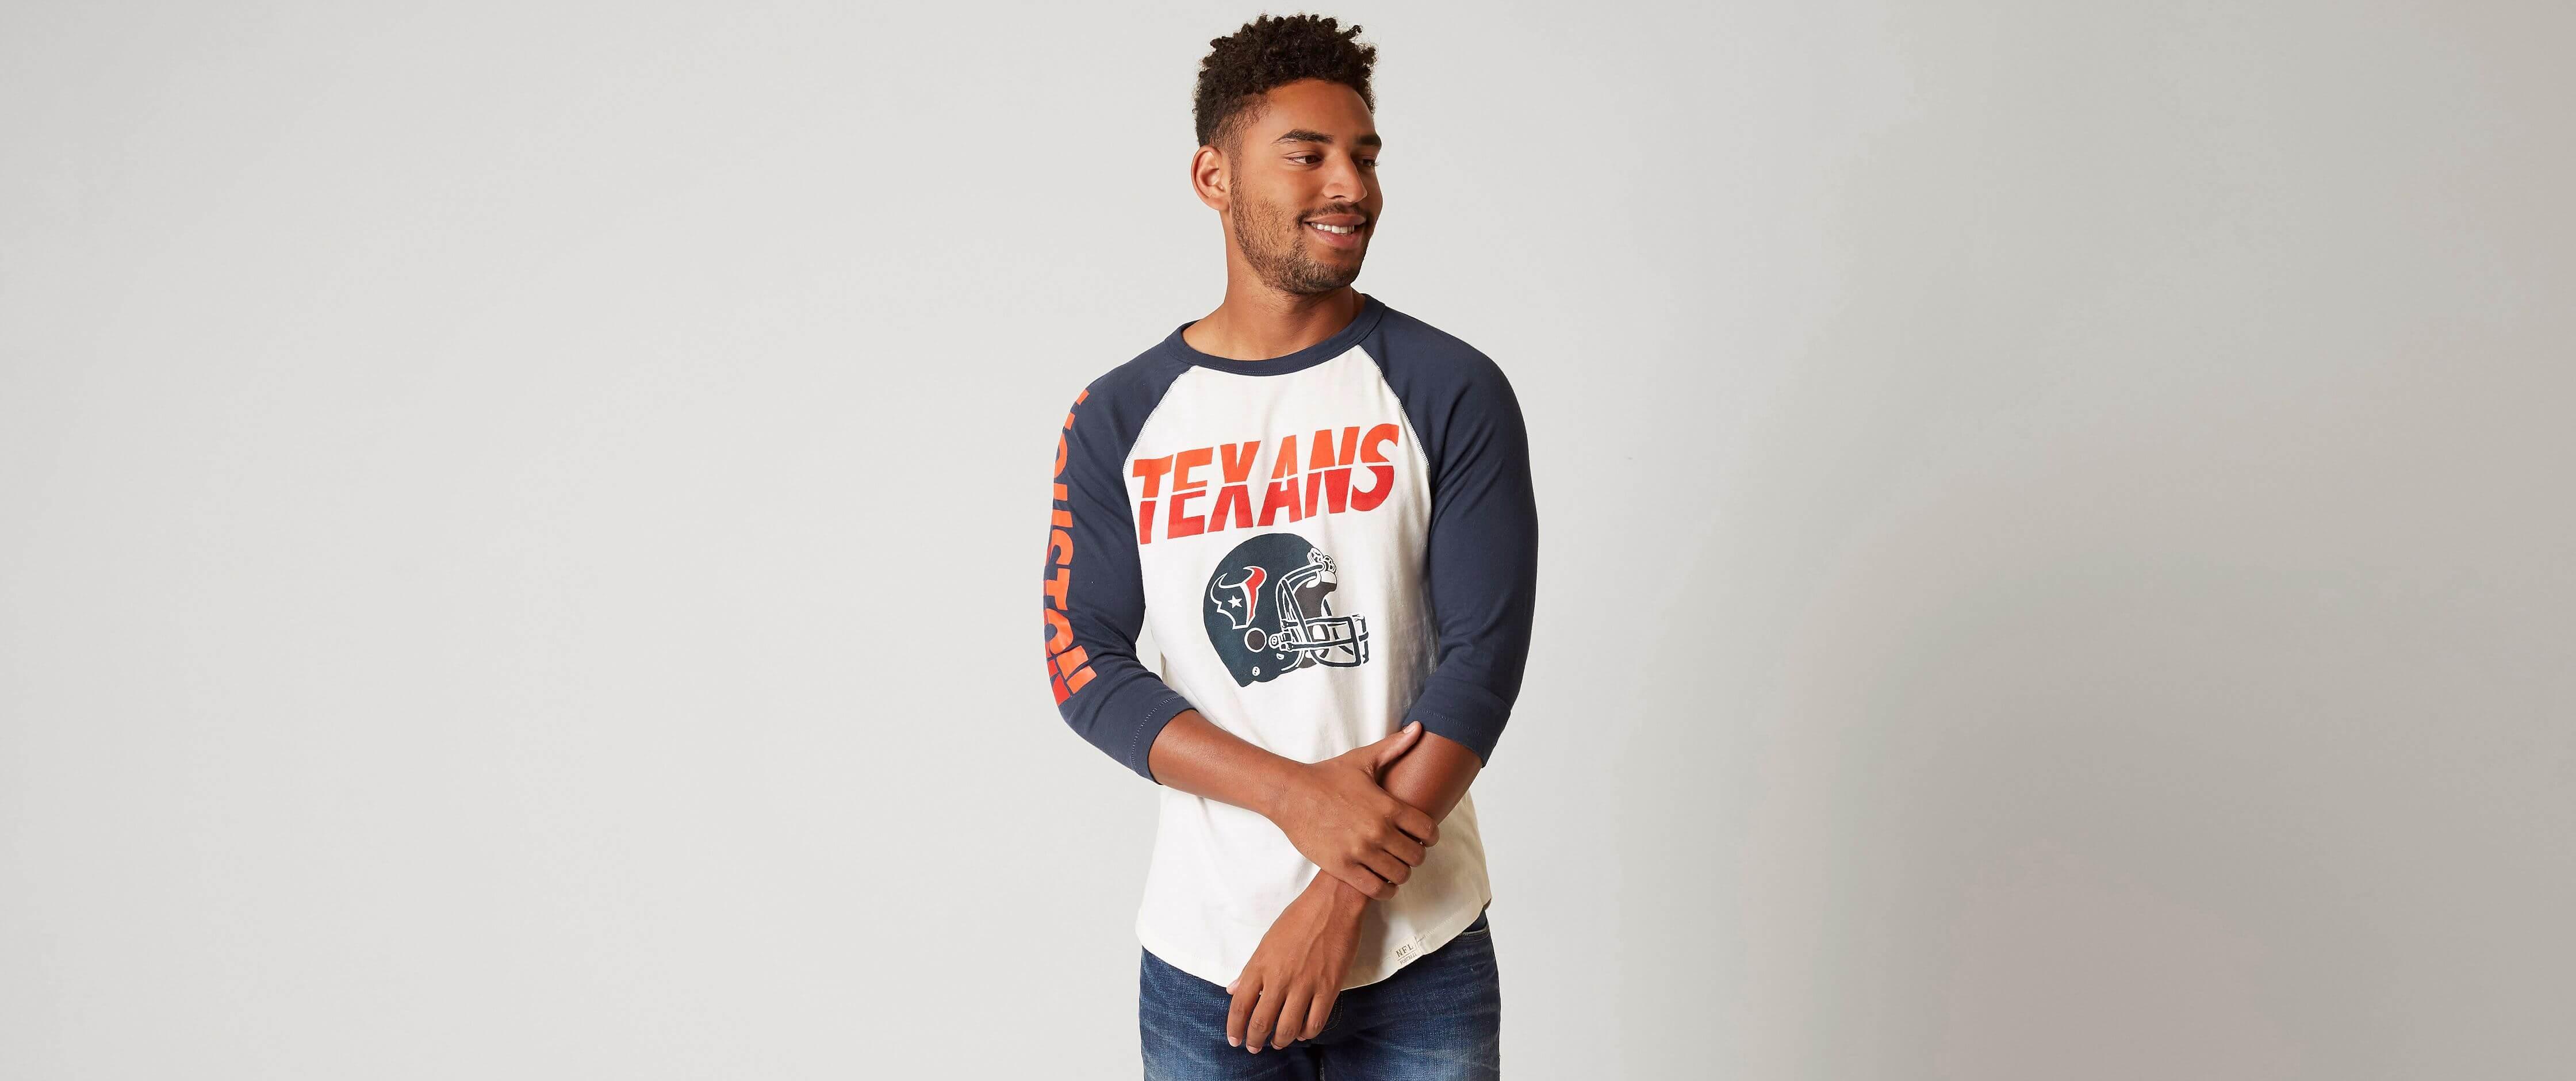 texans tee shirts